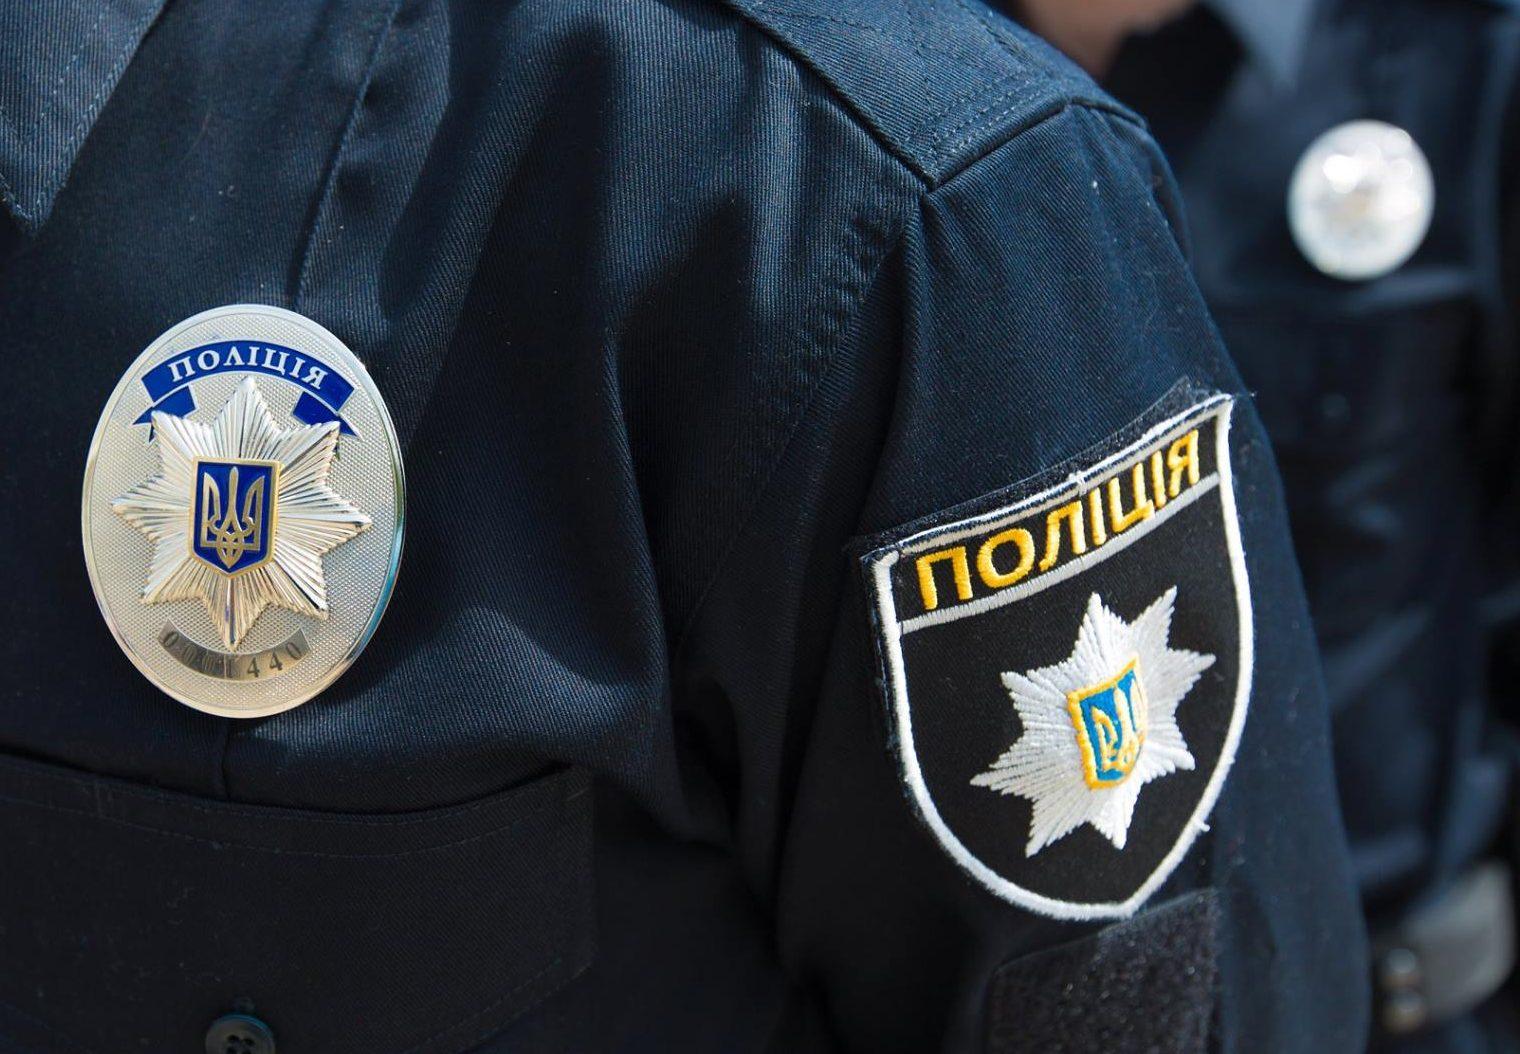 Нацполіція затримала кілера ФСБ